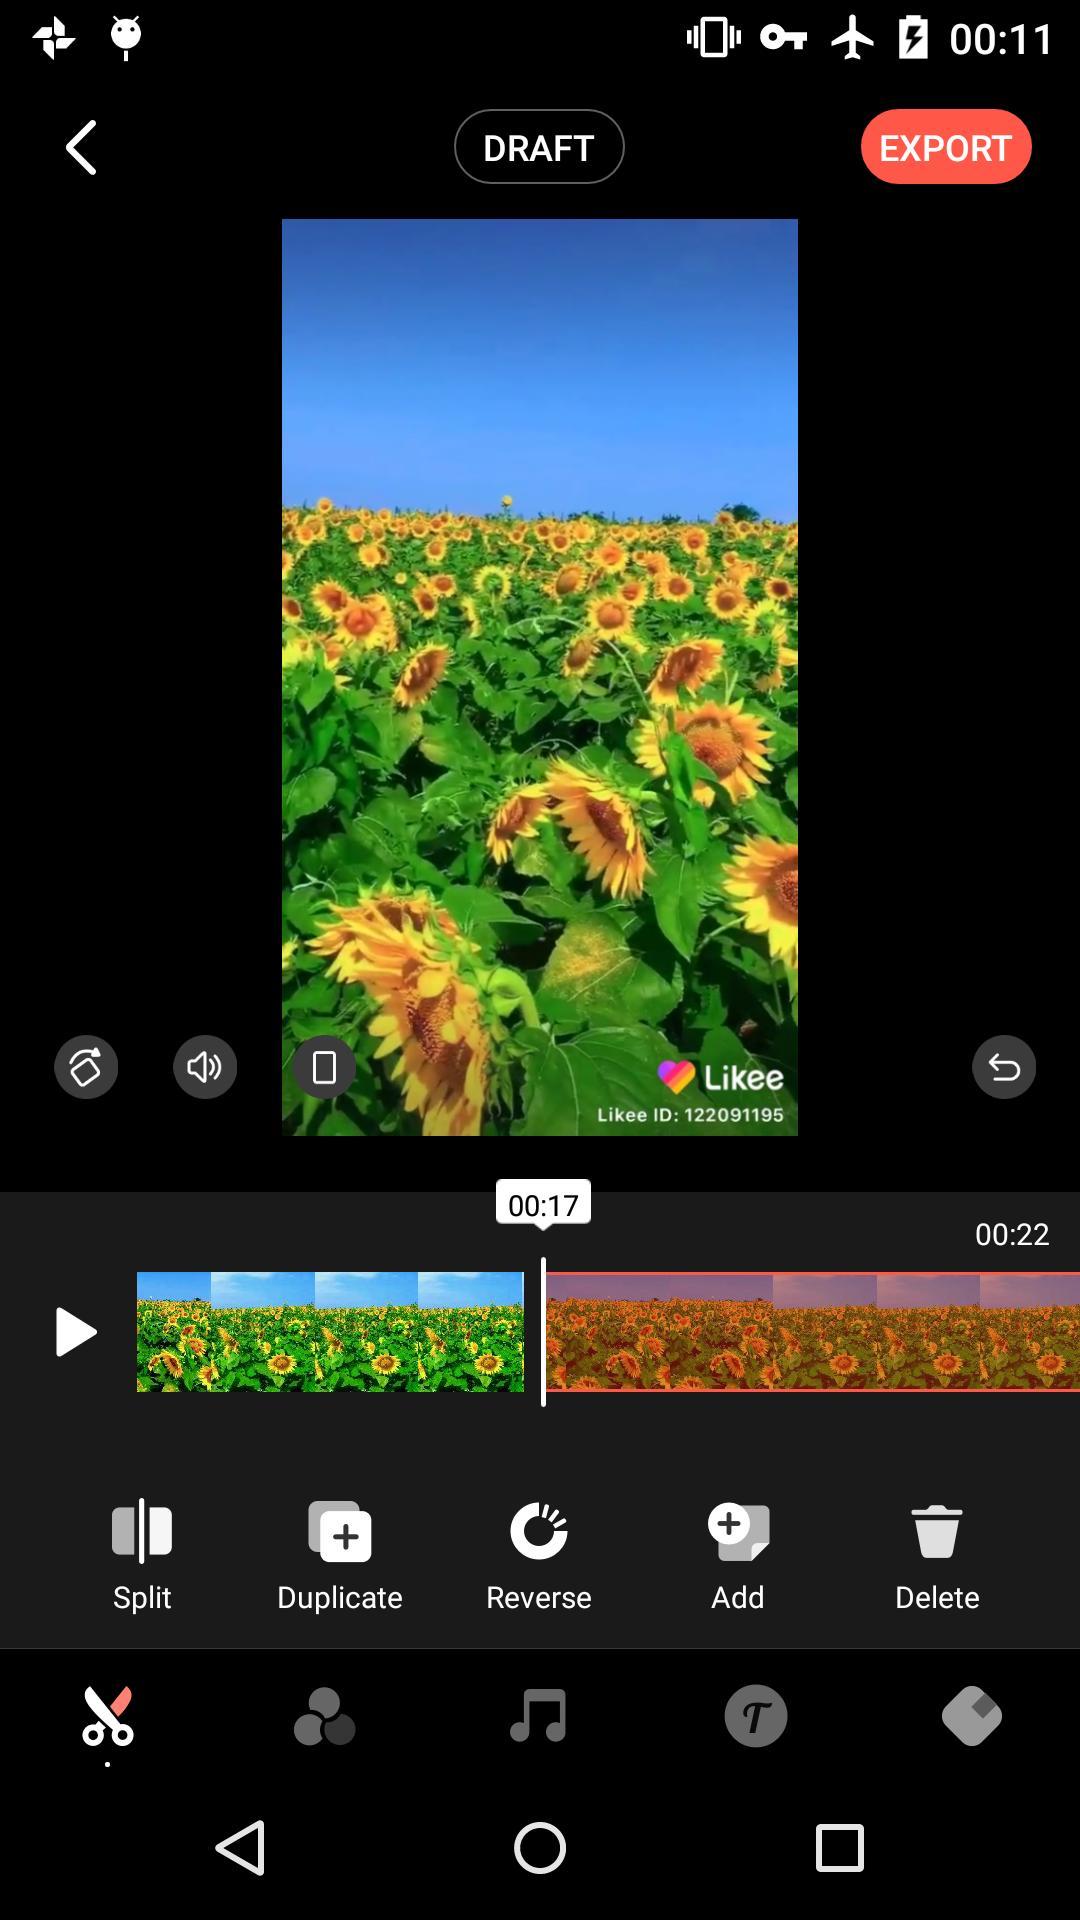 Pilih-Opsi-Video-kemudian-upload-video-yang-telah-diunduh-dari-TikTok-sebelumnya